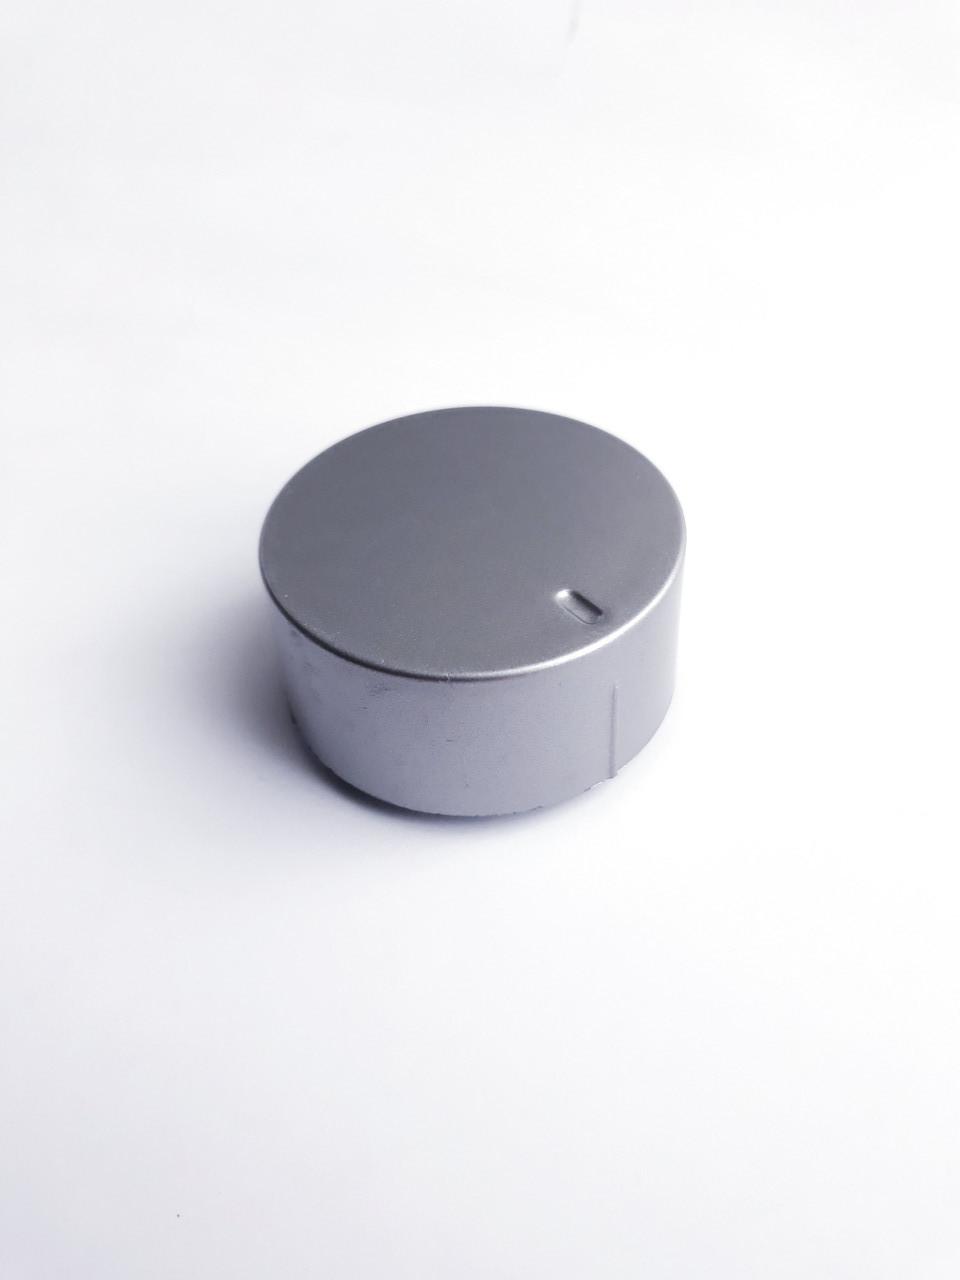 Ручка переключения режимов духового шкафа Samsung DG64-00191B